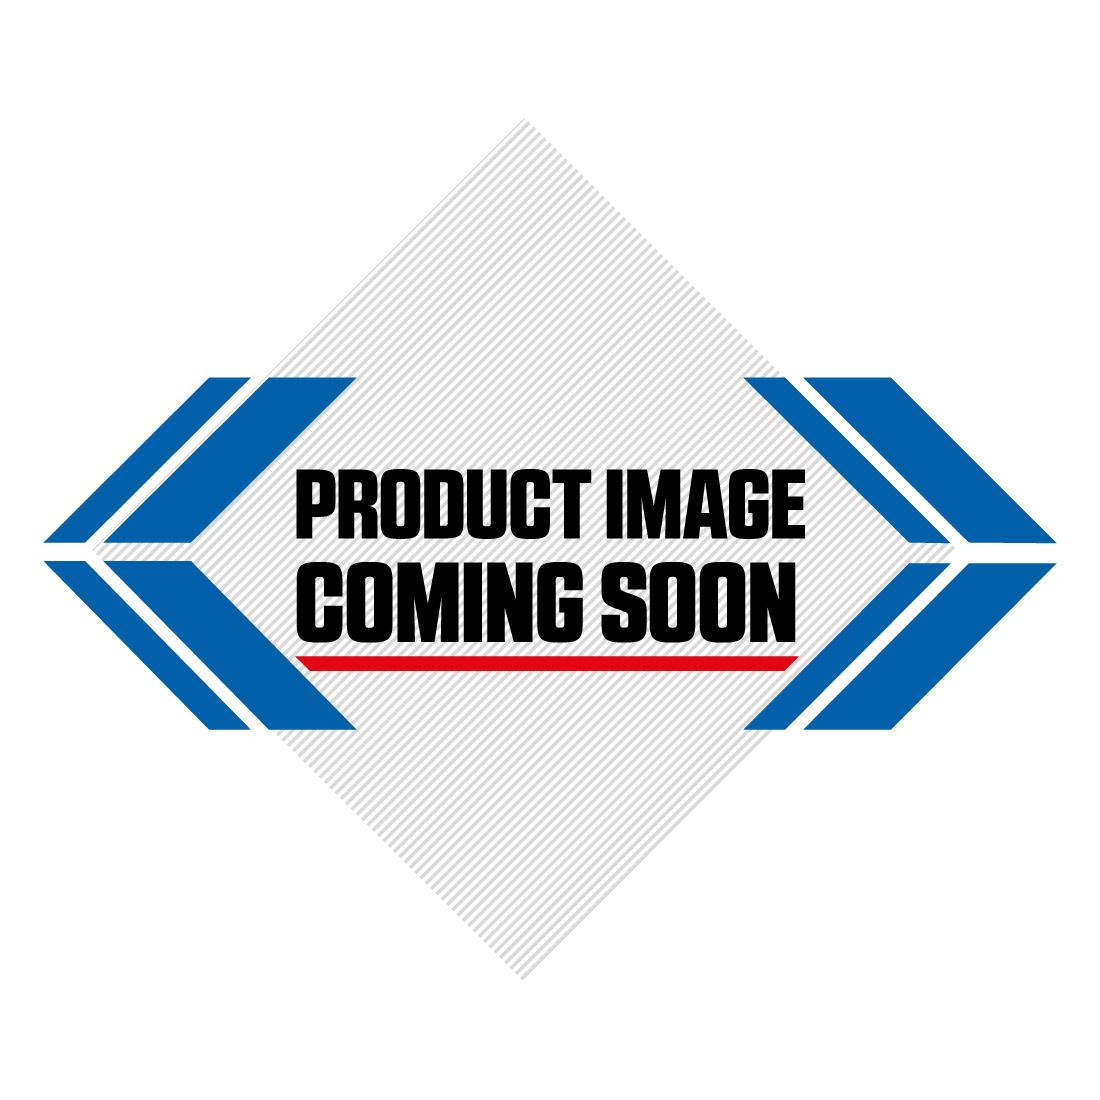 New 2015 Honda CRF 250R Motocross Bike Image-2>